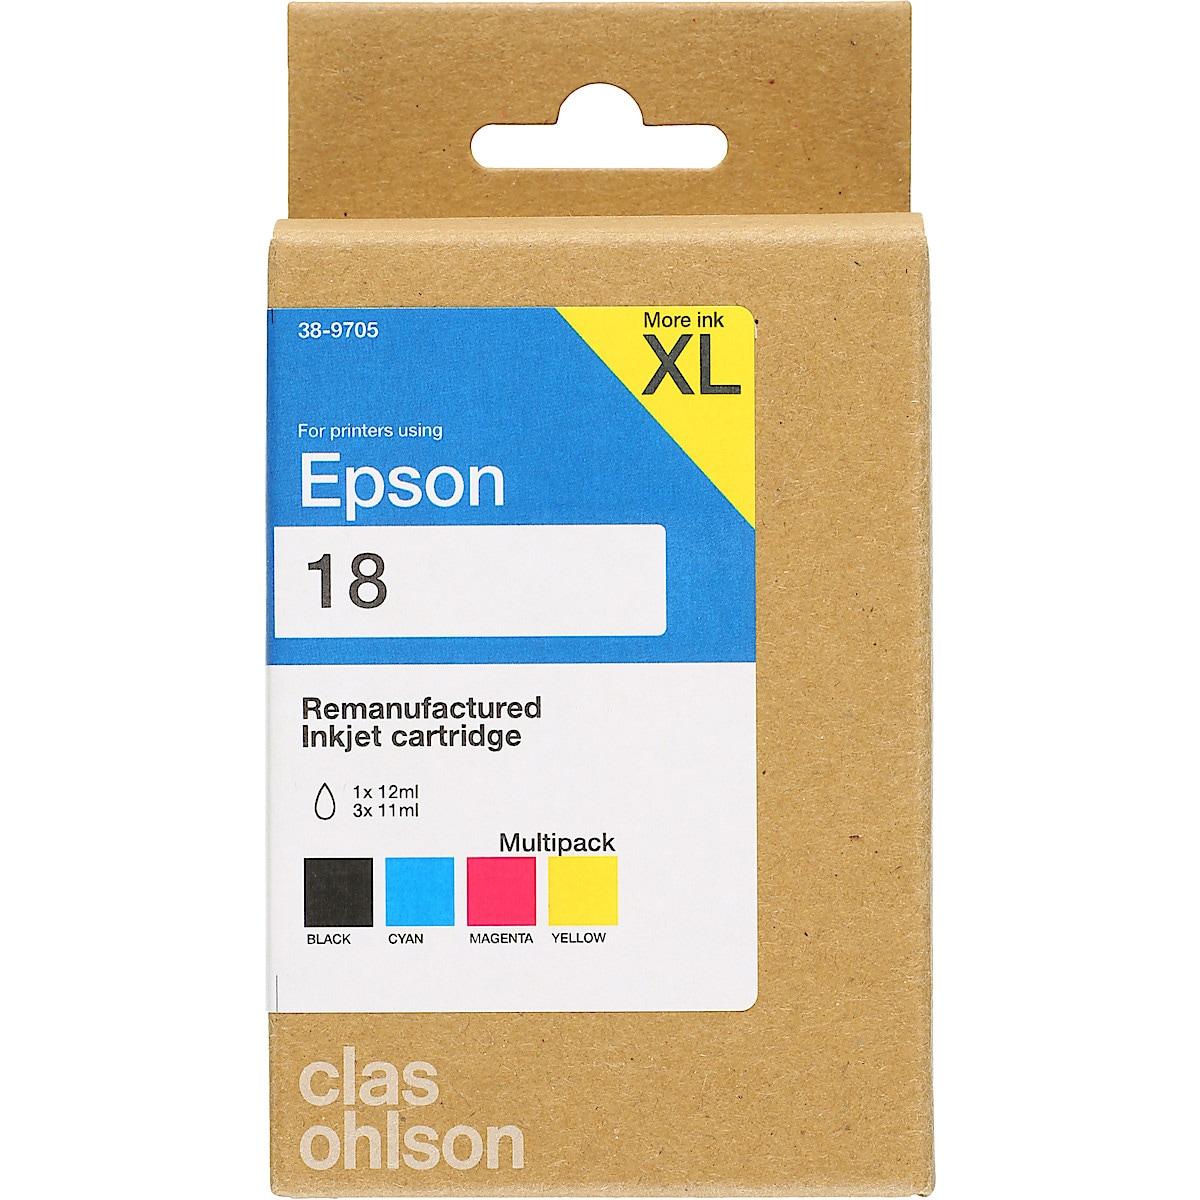 Epson T18 bläckpatron multipack XL, Clas Ohlson